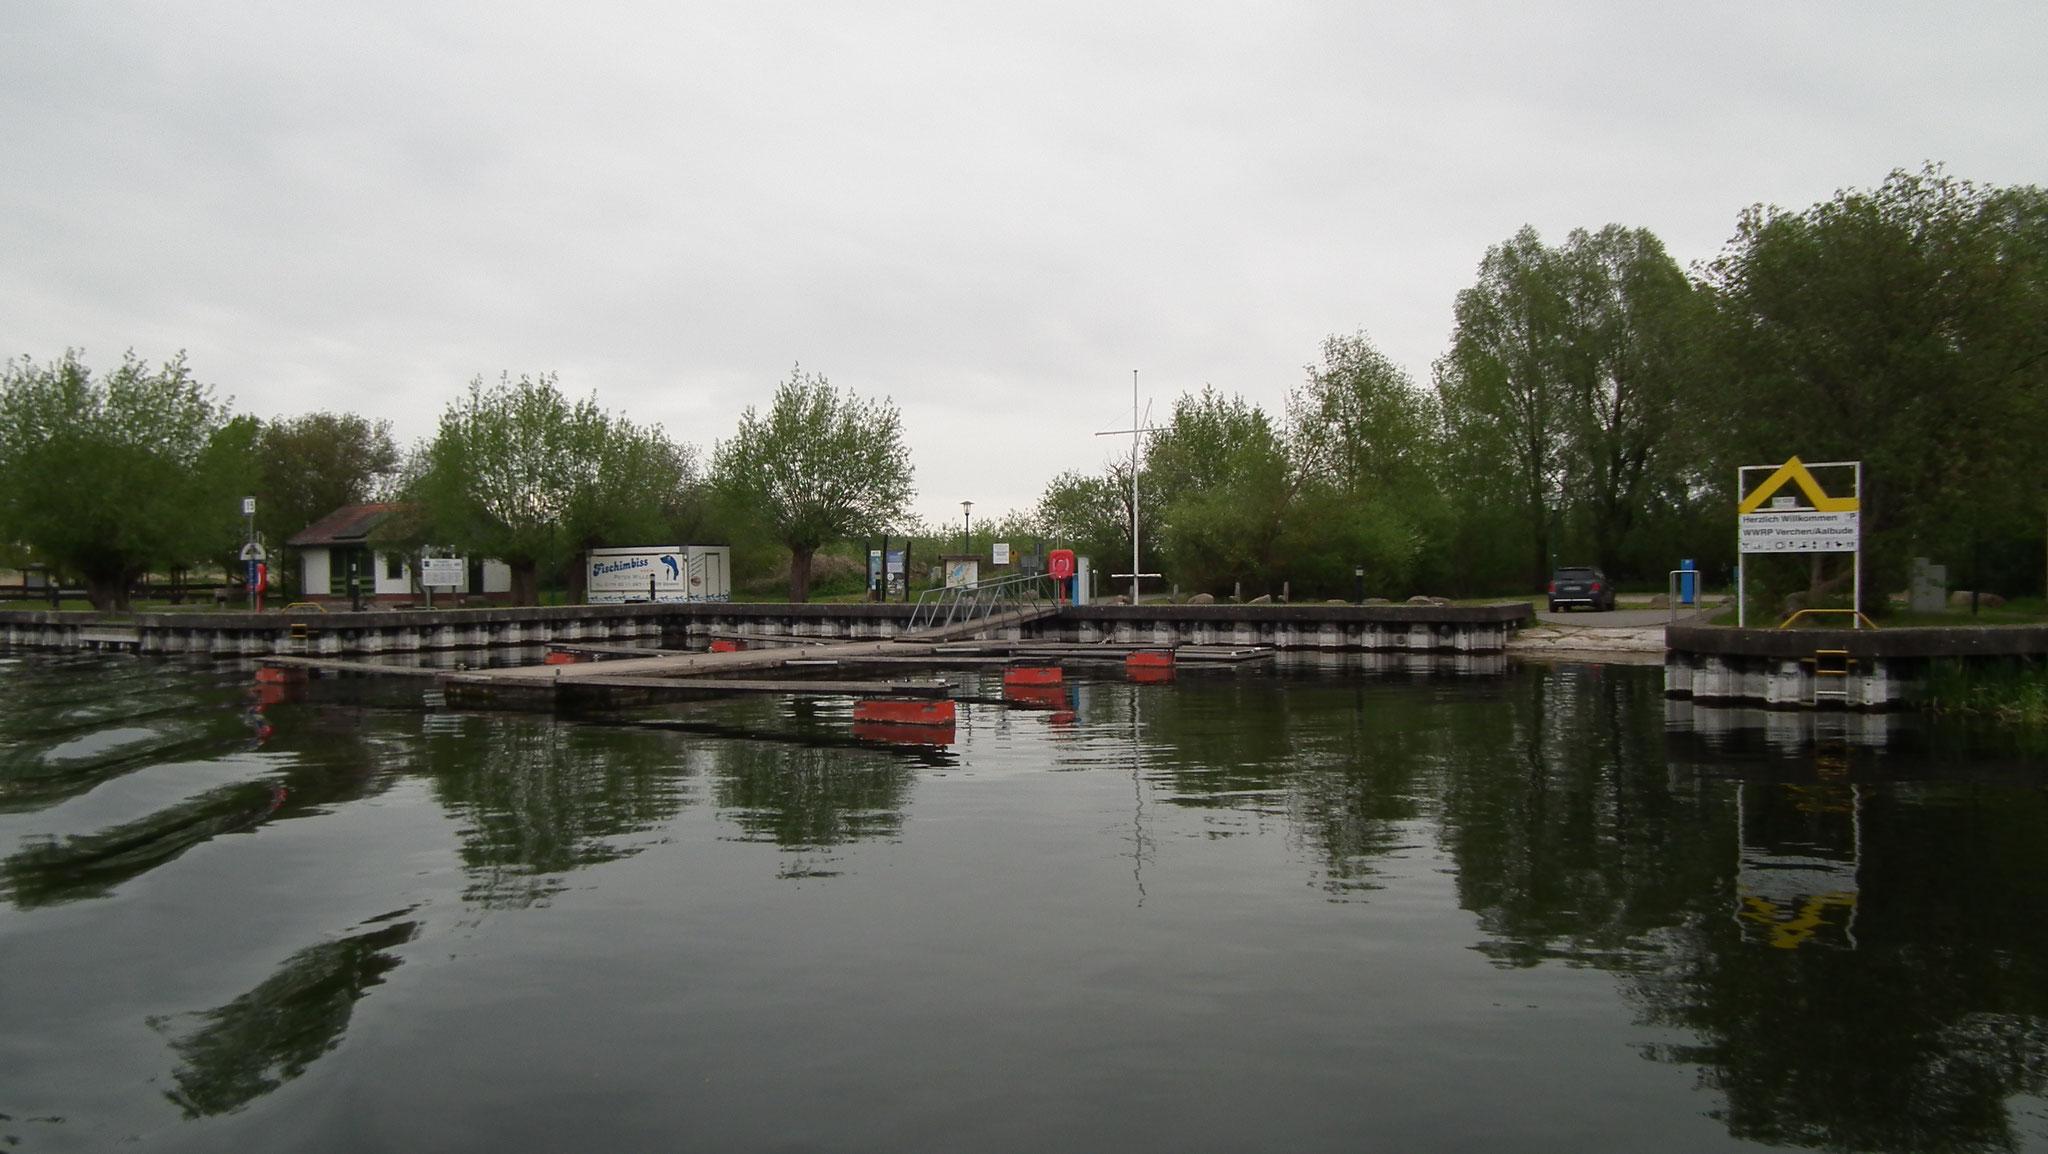 Aalbude / Verchen Anleger für Sportboote